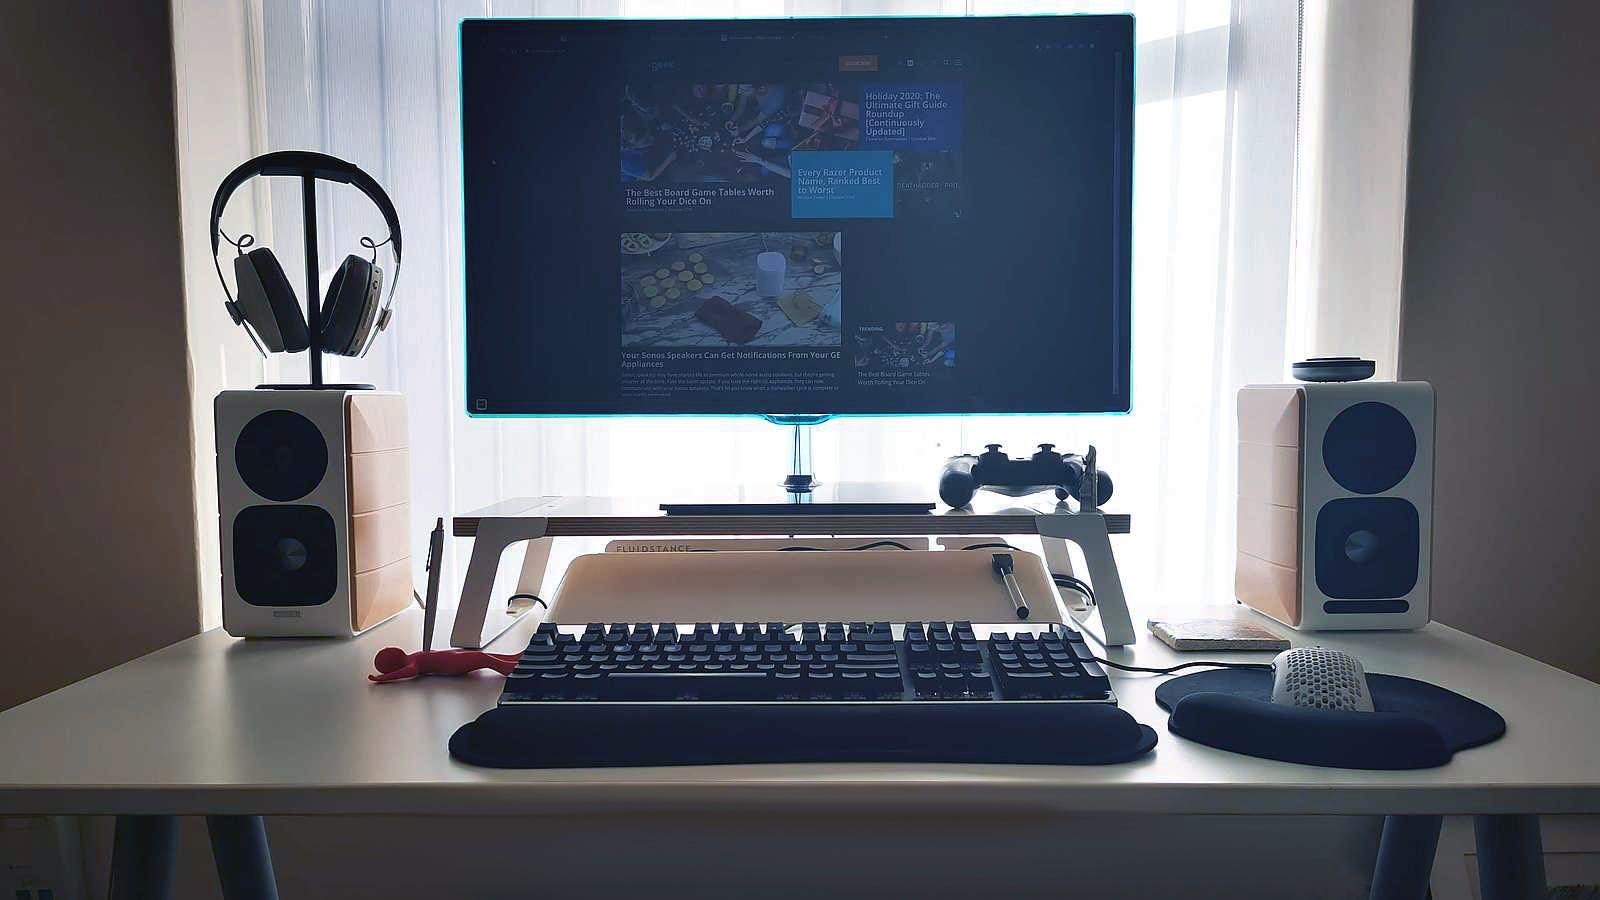 Speaker desk setup.